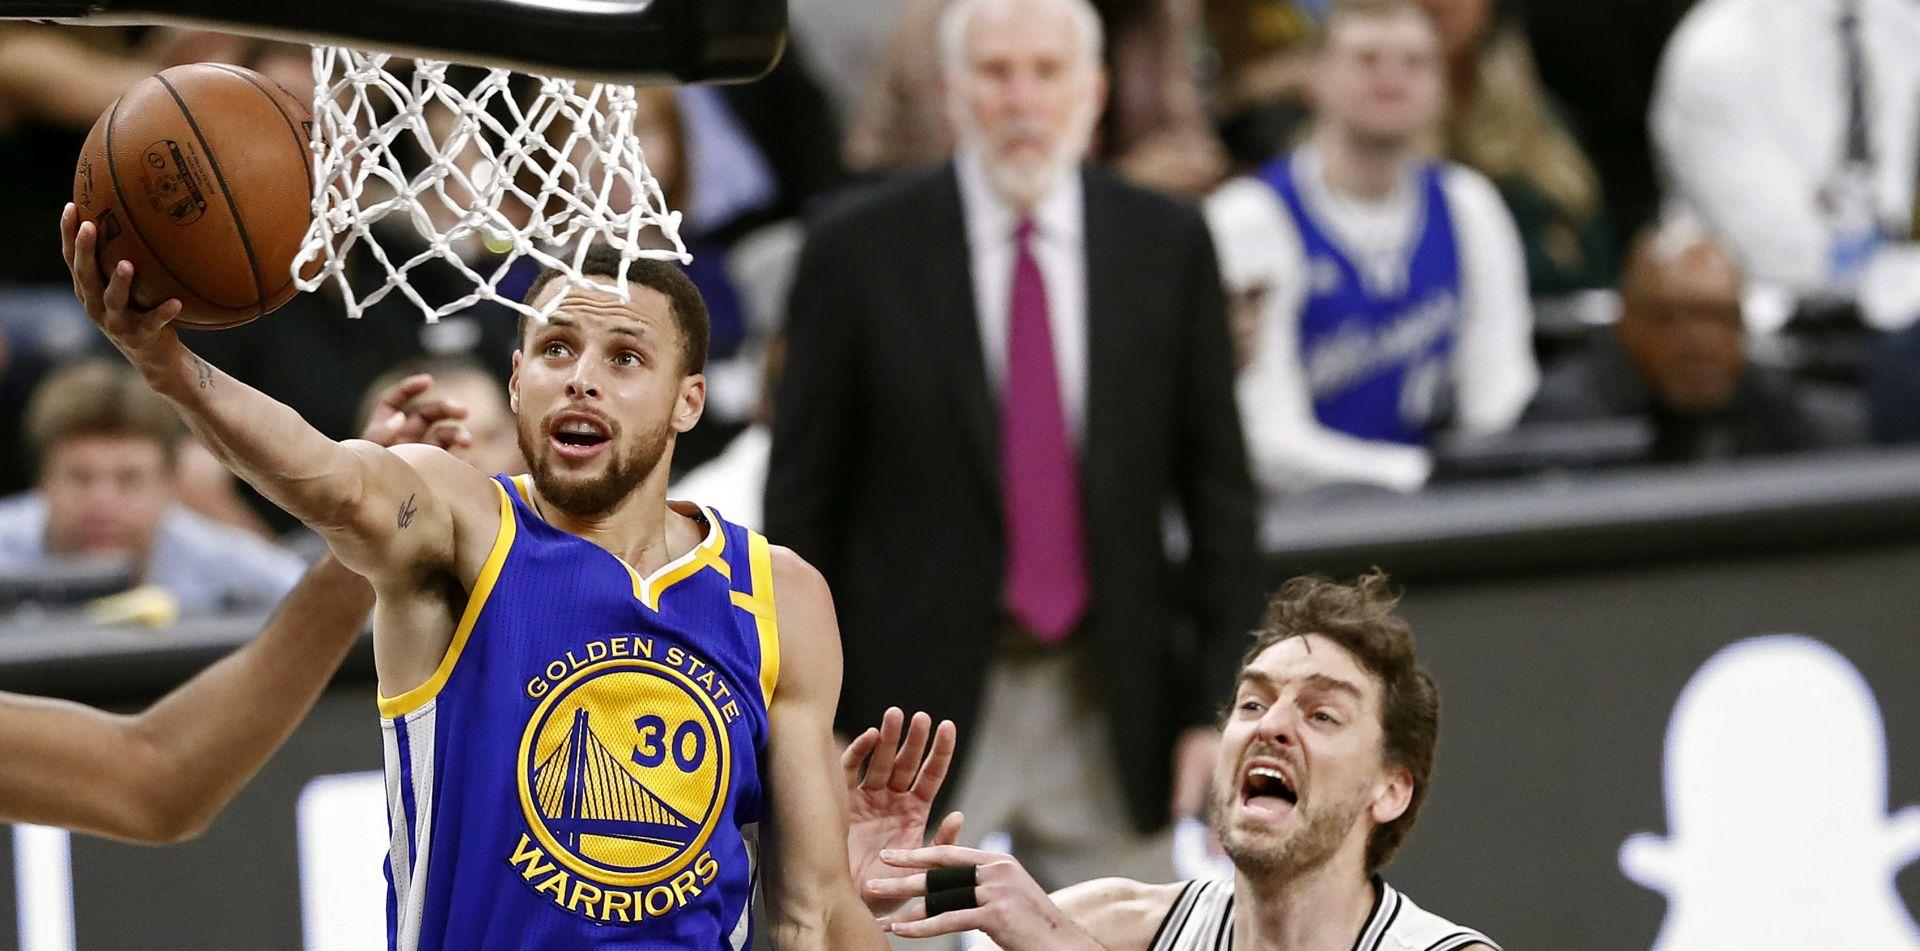 NBA: Warriorsi opet bolji od Spursa, trica Lillarda za pobjedu Portlanda